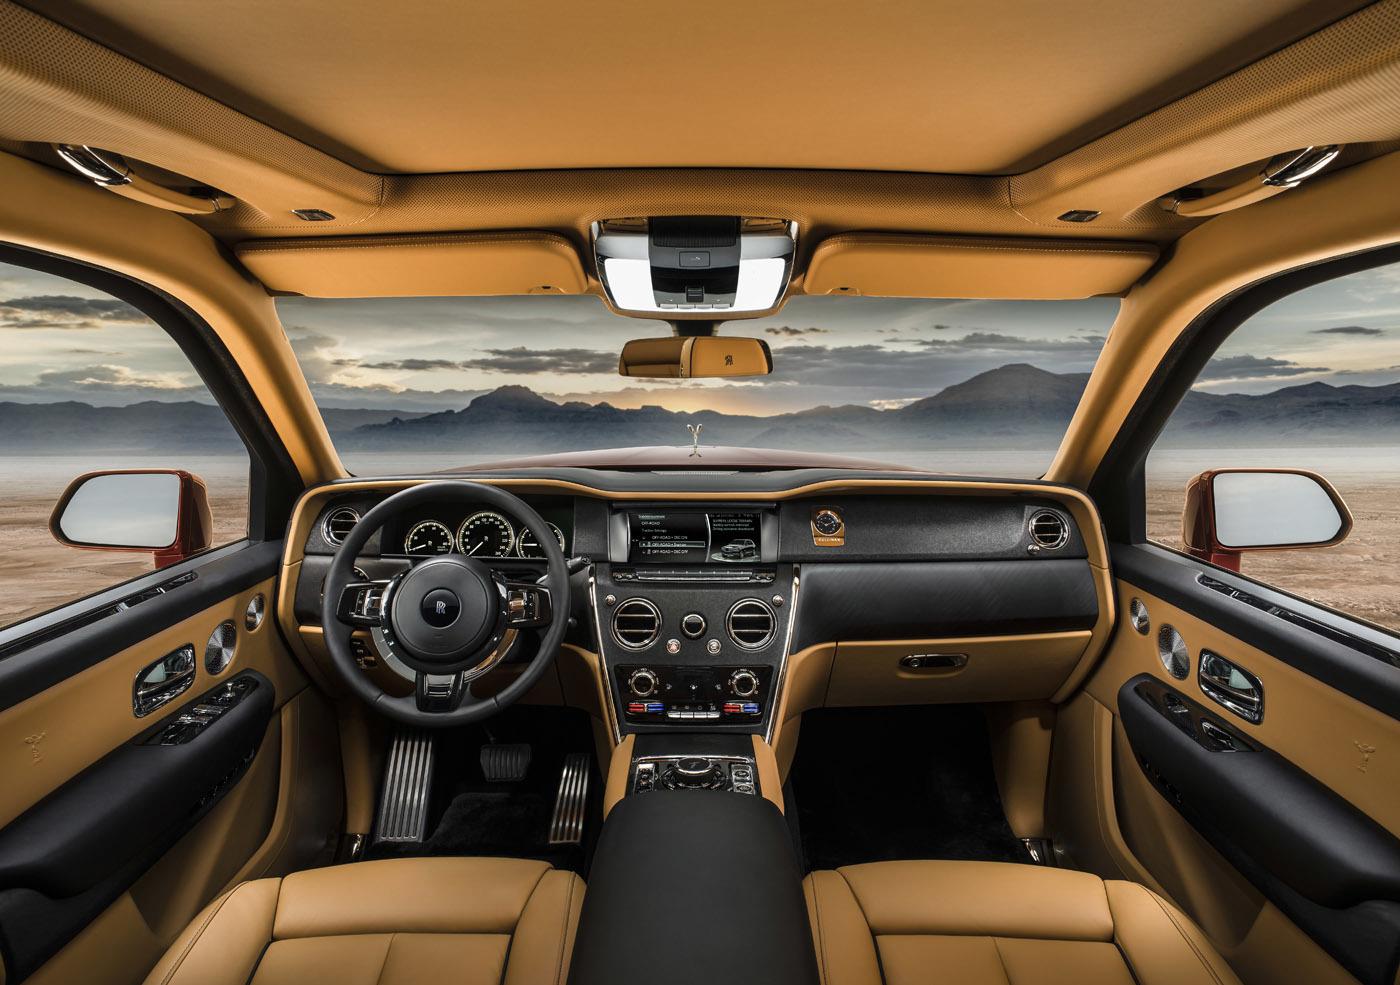 ドアロックを開けると乗り降りしやすいよう自動で車高が40mm下がるという。公式リリースには「車内のサンクチュアリに包まれます」とのこと。な、なるほど